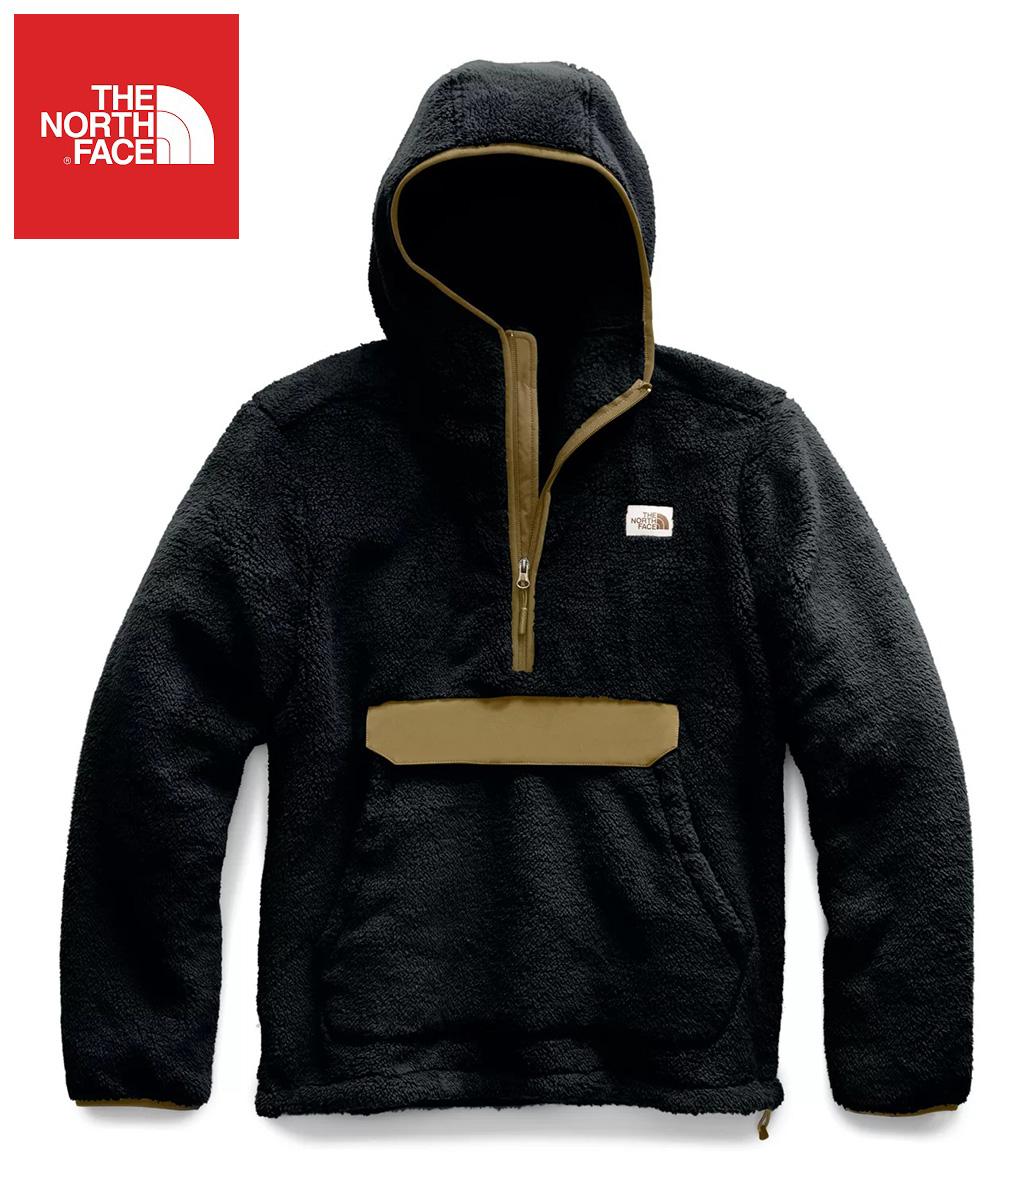 The North Face (ザ・ノースフェイス) 日本未発売 USAモデル ハーフジップレトロフリース ジャケット(Campshire Pullover Hoodie)メンズ (Black/Britishkhaki)新品